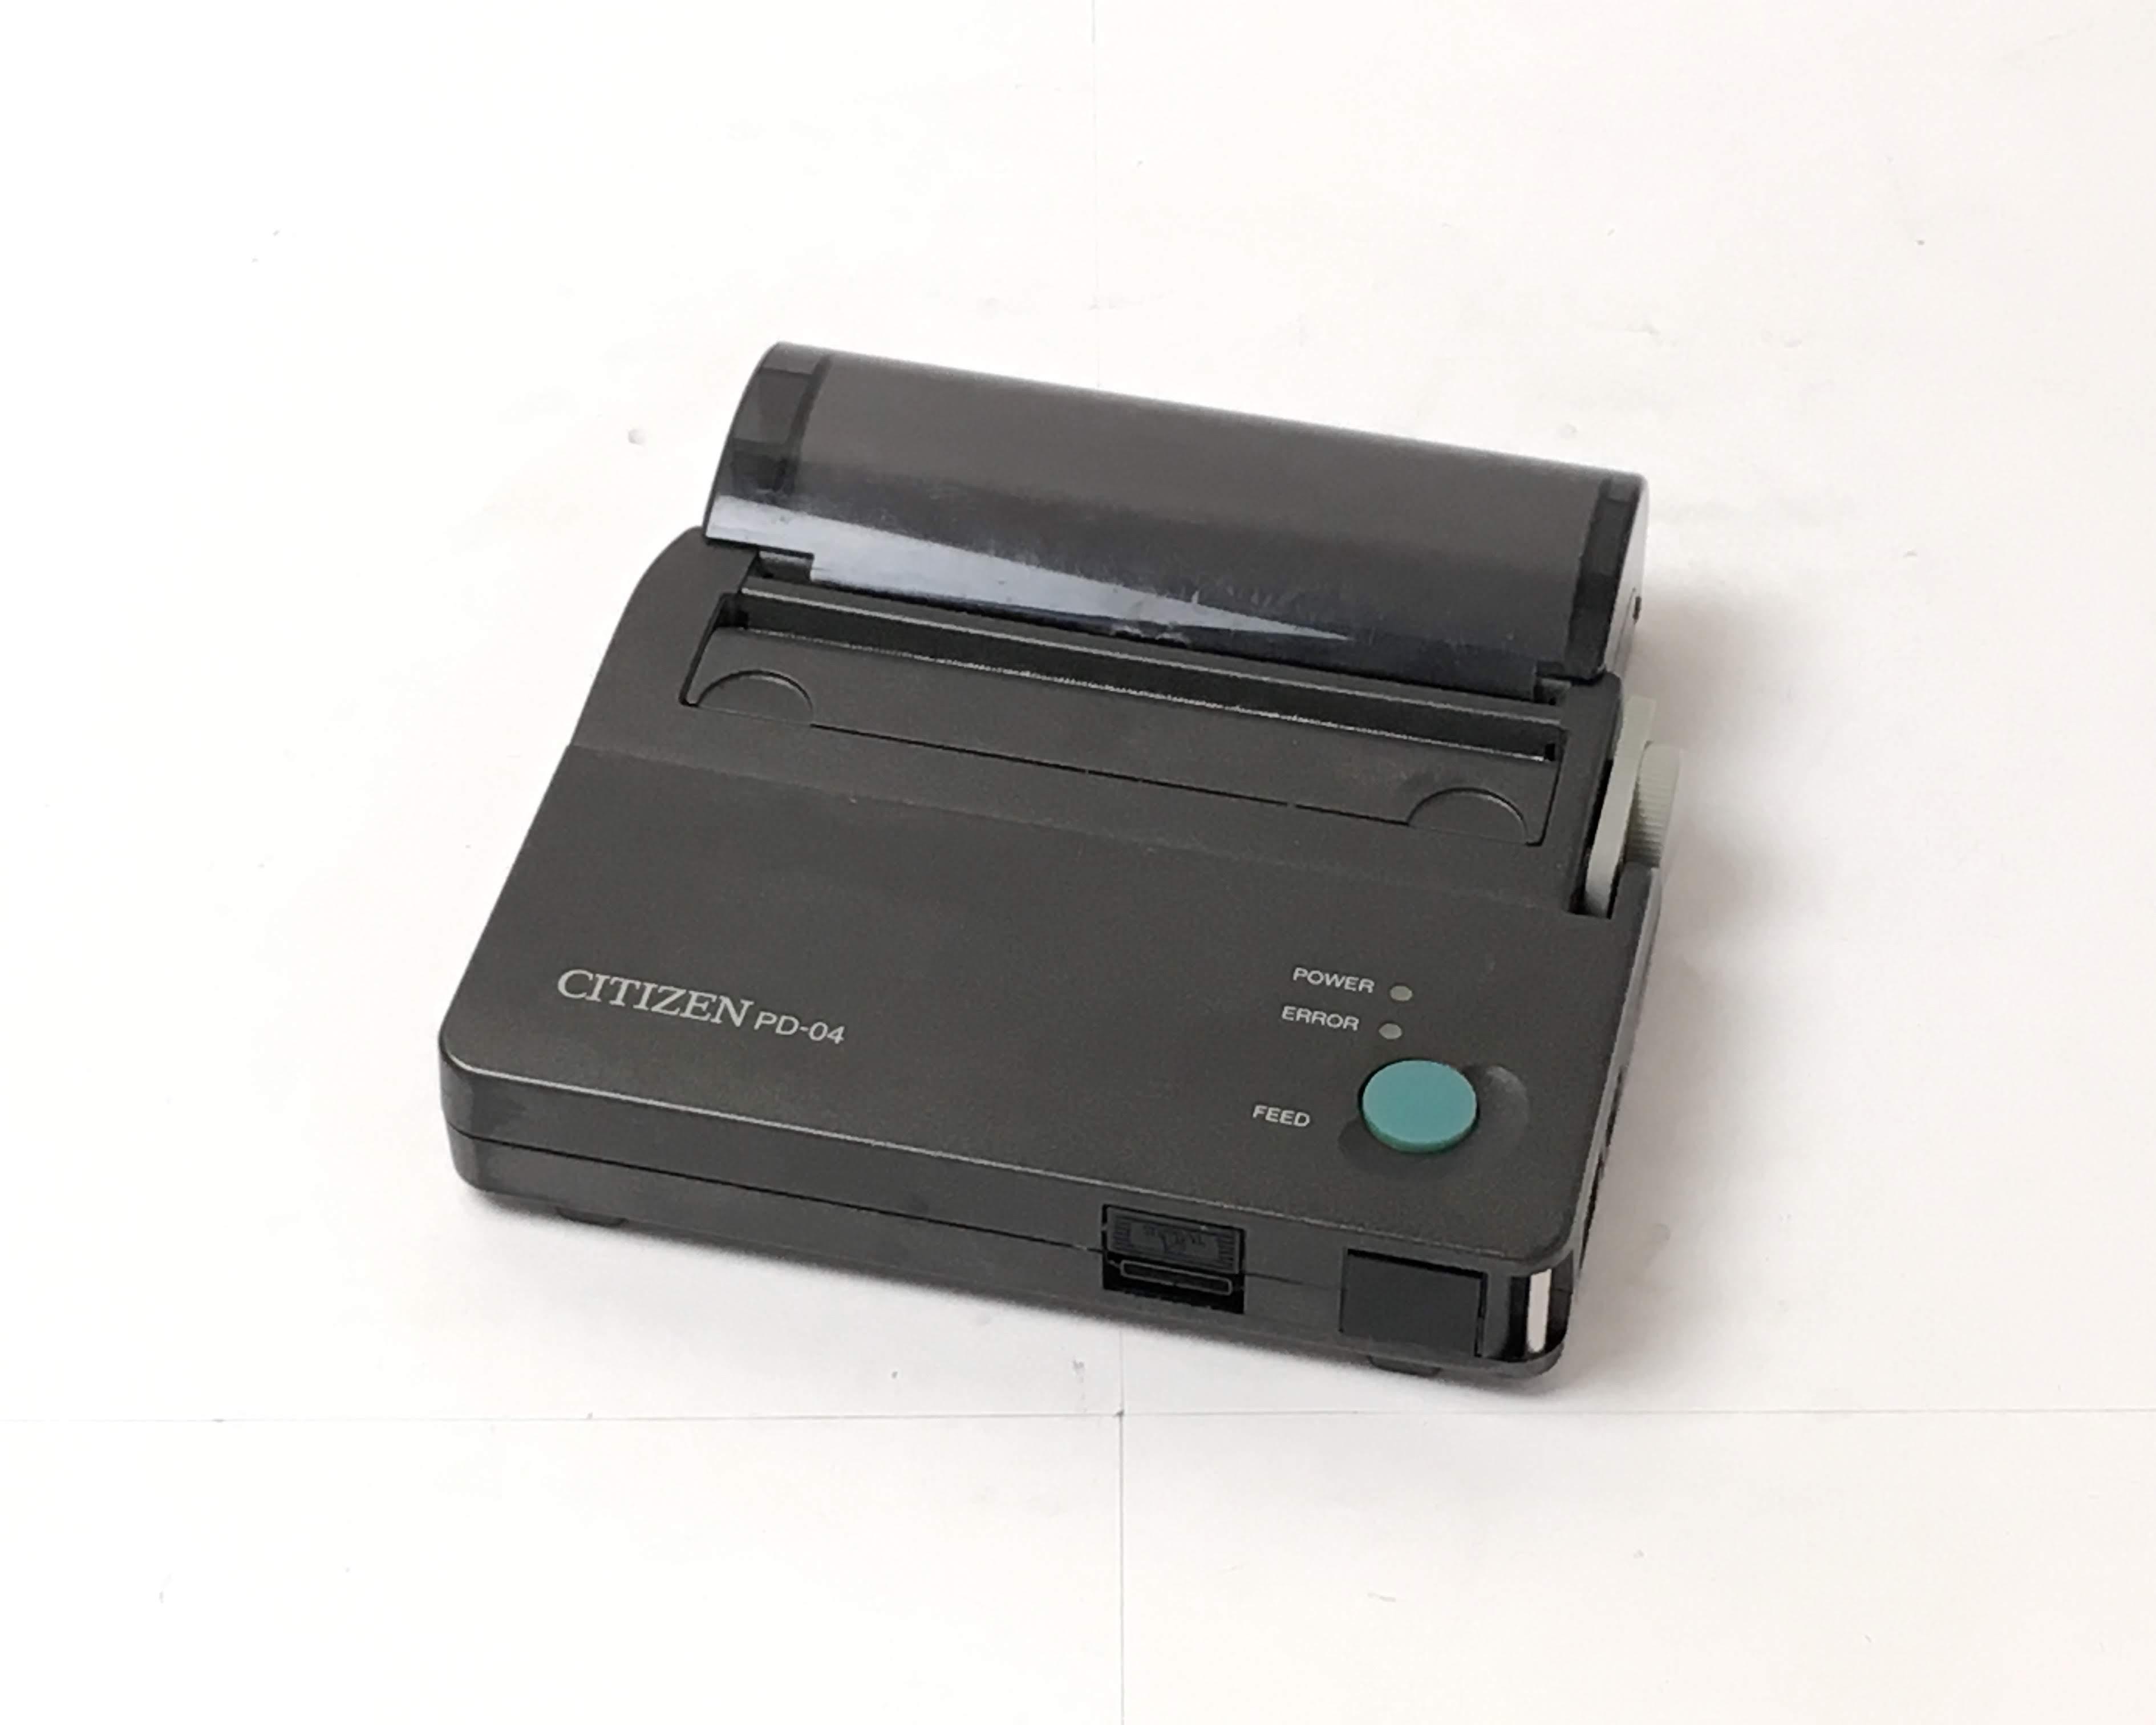 【中古】シチズン ハンディプリンタ  PD-04 電源セット(PD69922) メイン画像